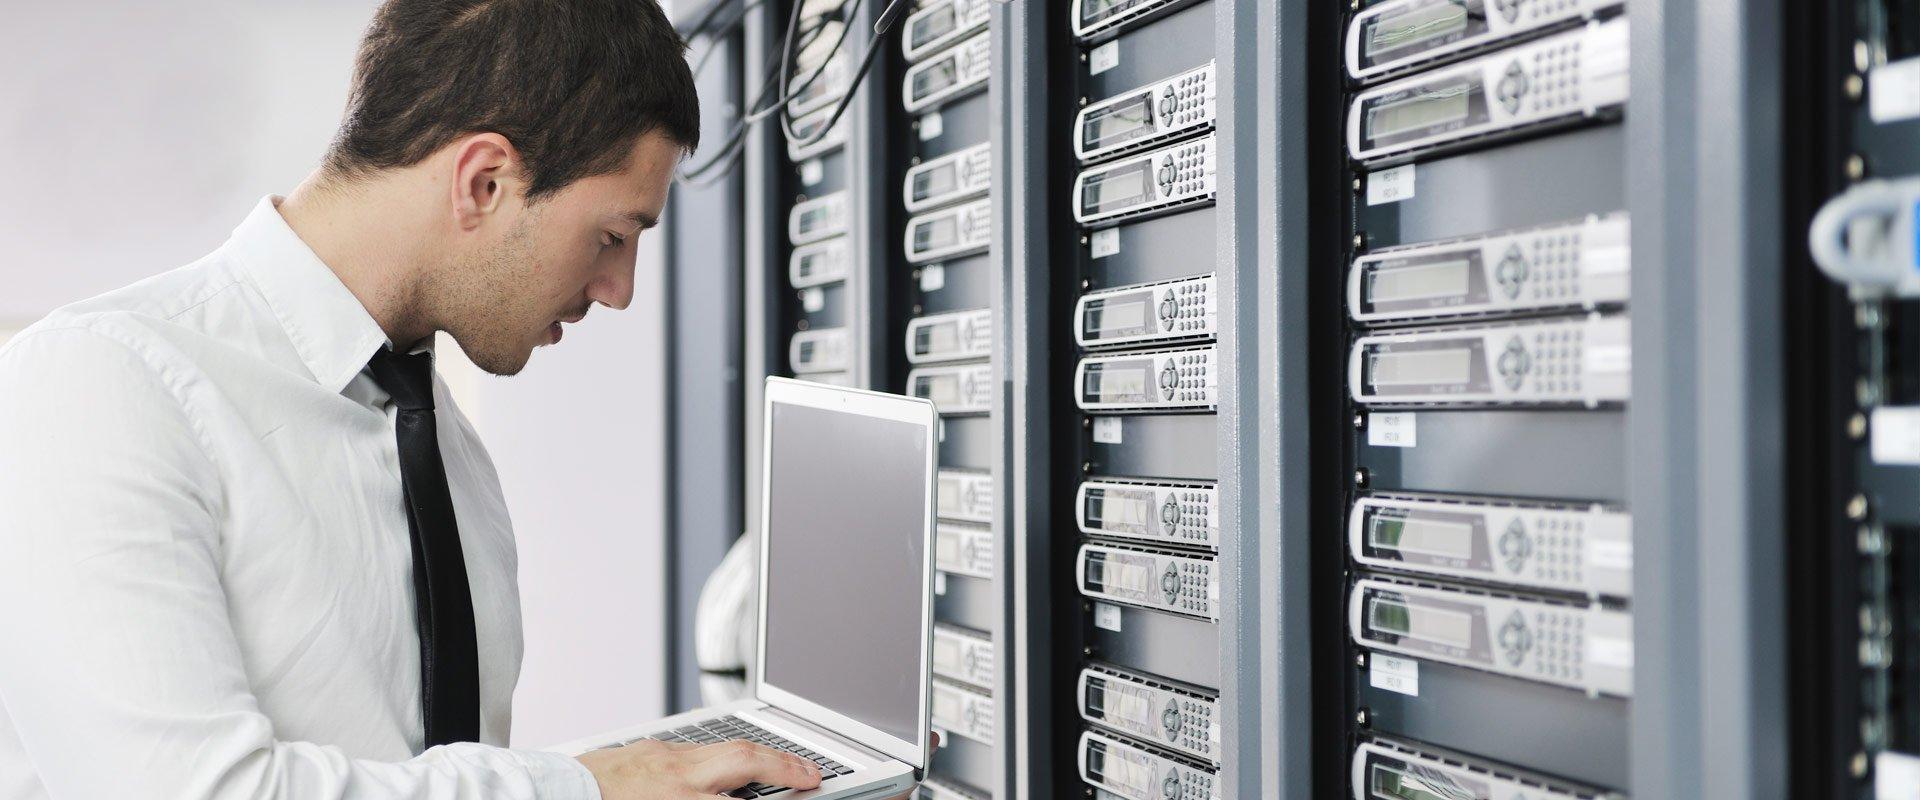 server-repair-boise